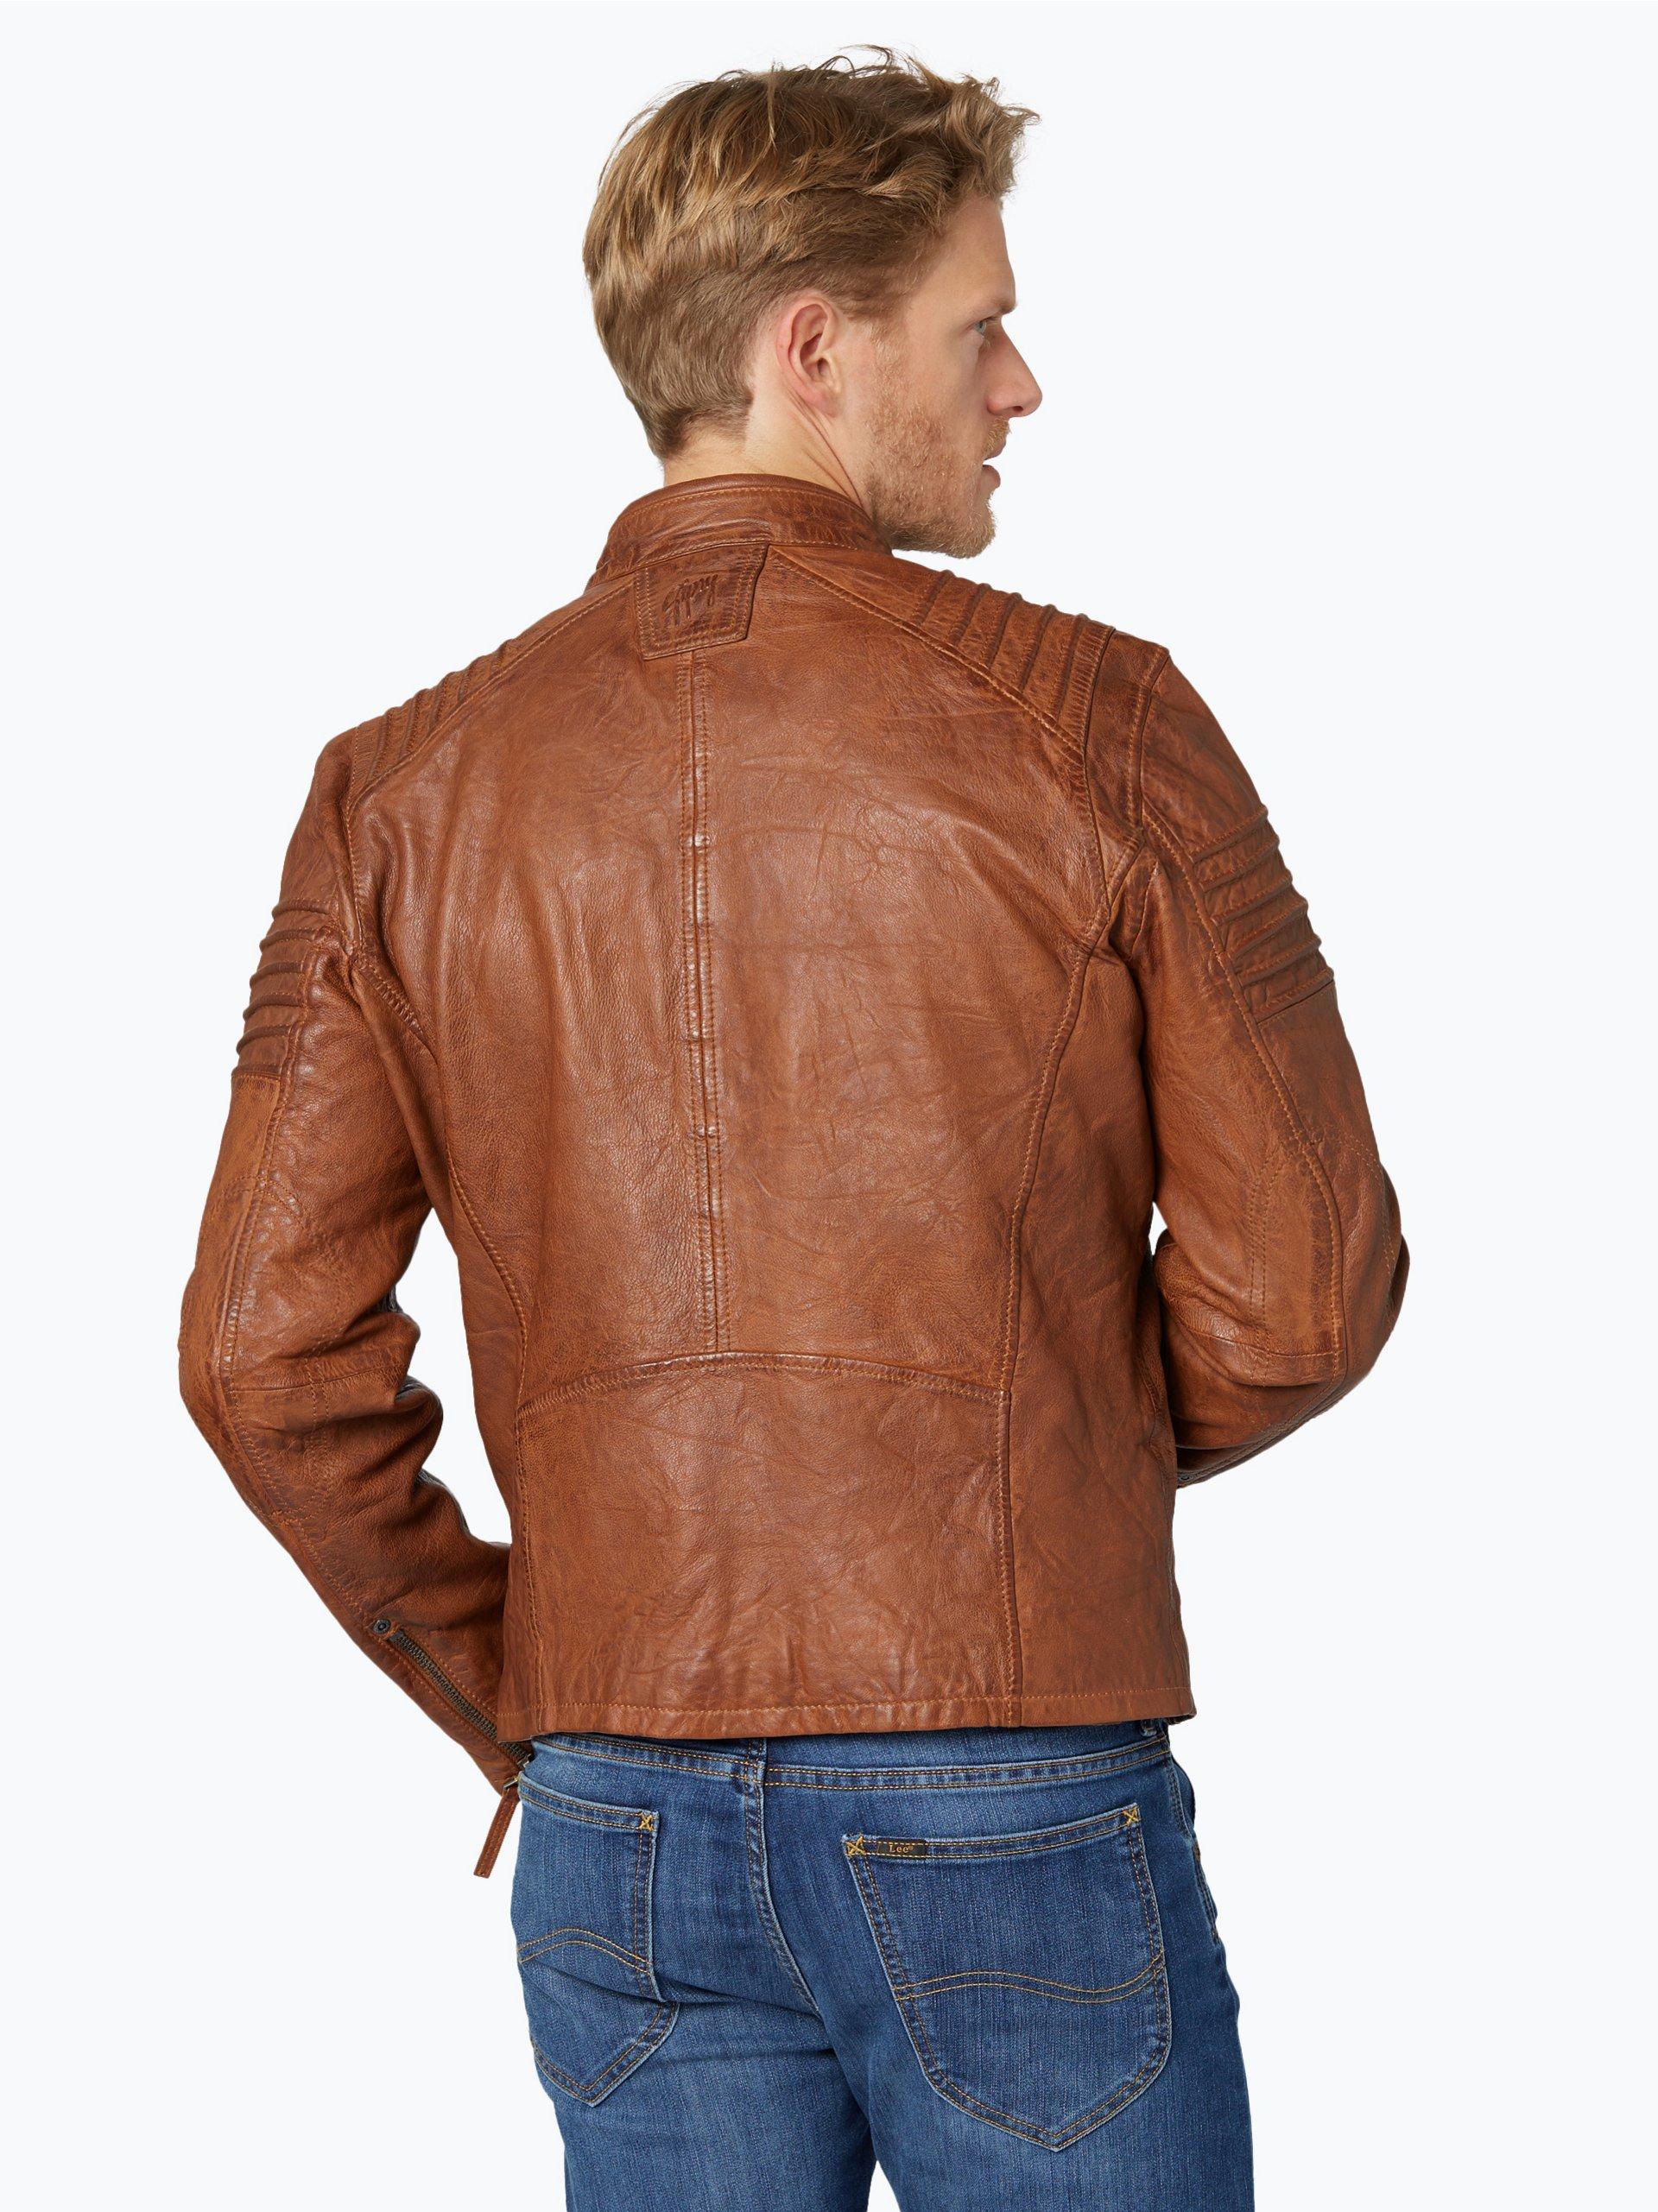 gipsy herren lederjacke copper cognac uni online kaufen vangraaf com. Black Bedroom Furniture Sets. Home Design Ideas